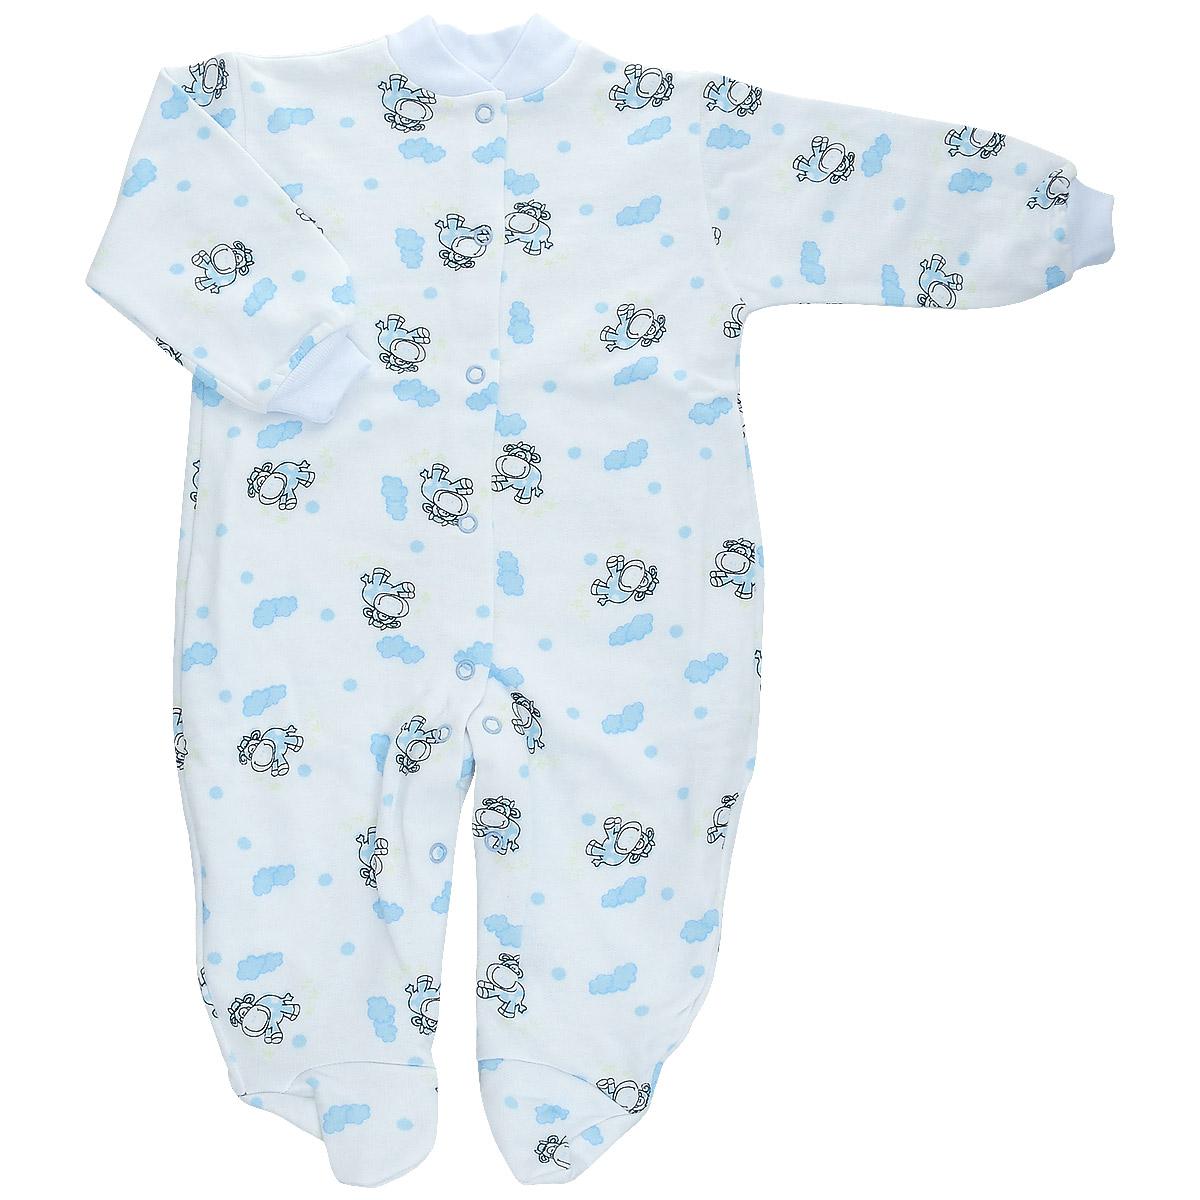 Комбинезон домашний5821Детский комбинезон Трон-Плюс - очень удобный и практичный вид одежды для малышей. Теплый комбинезон выполнен из футерованного полотна - натурального хлопка, благодаря чему он необычайно мягкий и приятный на ощупь, не раздражает нежную кожу ребенка, и хорошо вентилируются, а эластичные швы приятны телу малыша и не препятствуют его движениям. Комбинезон с длинными рукавами и закрытыми ножками имеет застежки-кнопки от горловины до щиколоток, которые помогают легко переодеть младенца или сменить подгузник. Рукава понизу дополнены неширокими трикотажными манжетами, мягко облегающими запястья. Вырез горловины дополнен мягкой трикотажной резинкой. Оформлен комбинезон оригинальным принтом. С детским комбинезоном спинка и ножки вашего малыша всегда будут в тепле, он идеален для использования днем и незаменим ночью. Комбинезон полностью соответствует особенностям жизни младенца в ранний период, не стесняя и не ограничивая его в движениях!